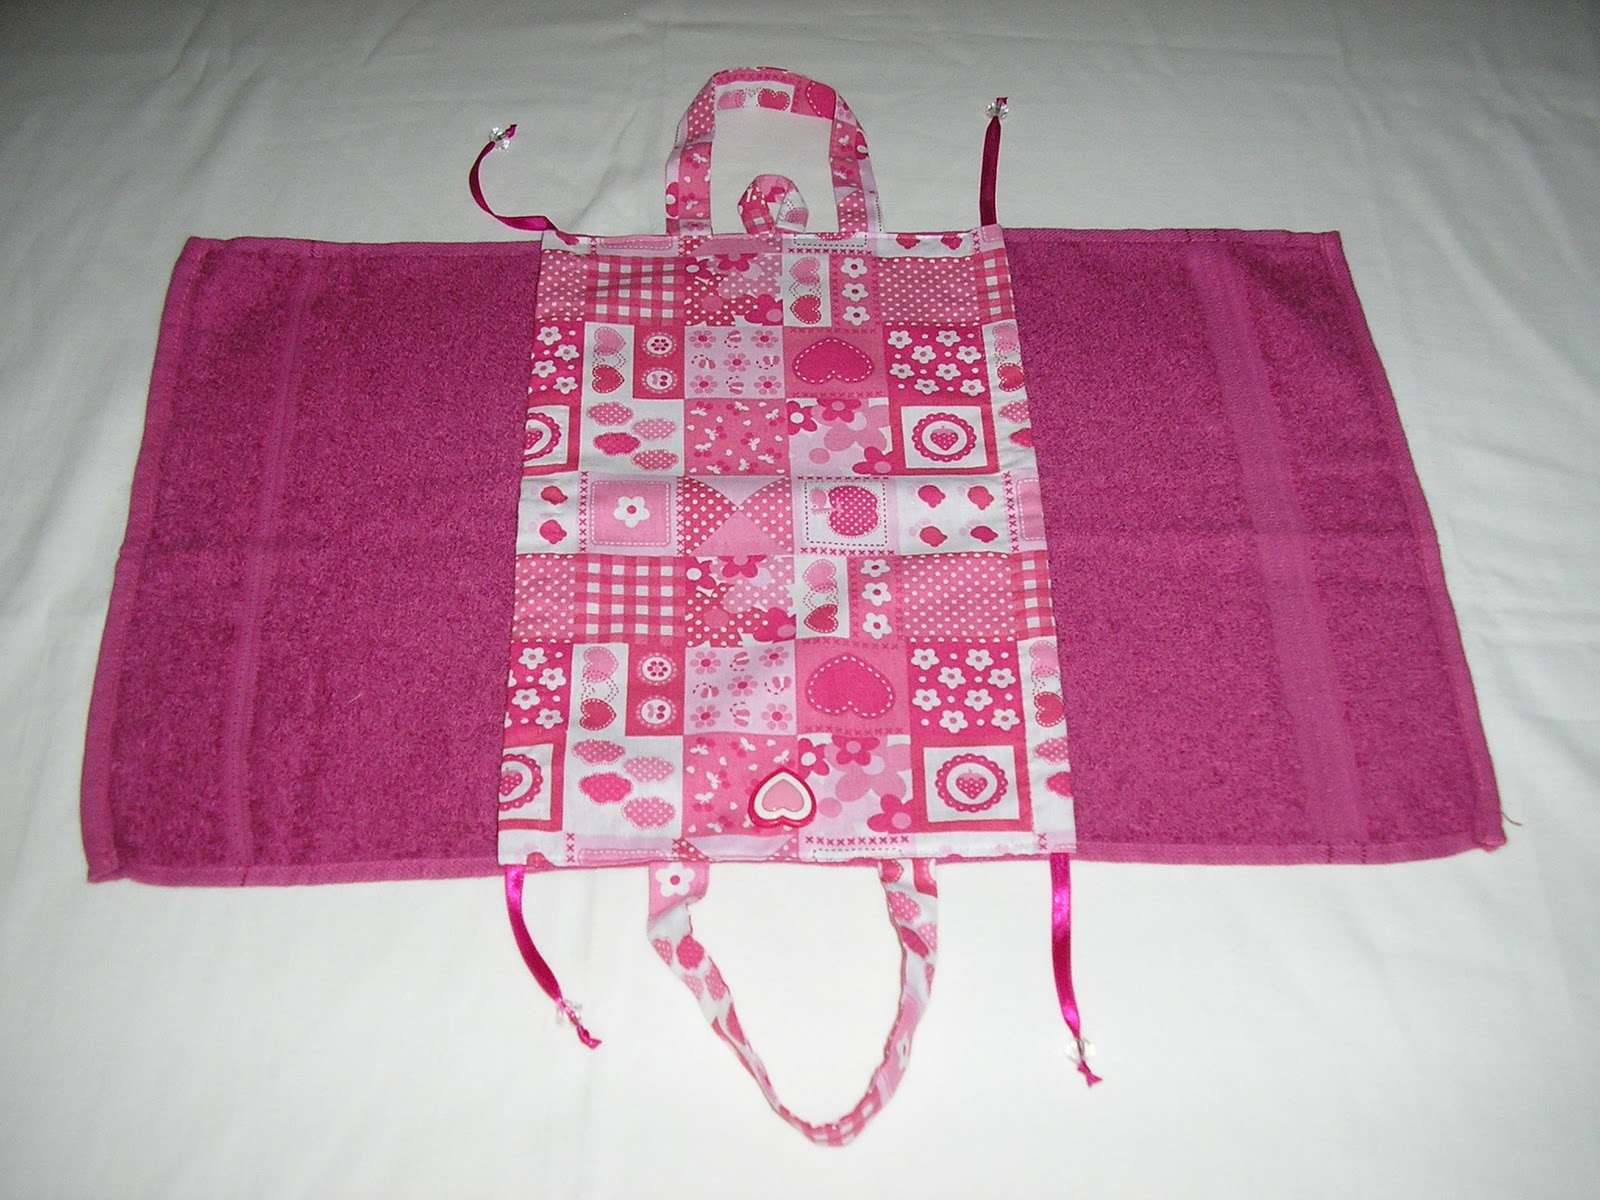 Bolsa De Praia Em Tecido Passo A Passo : Bolsa toalha artesanato na rede